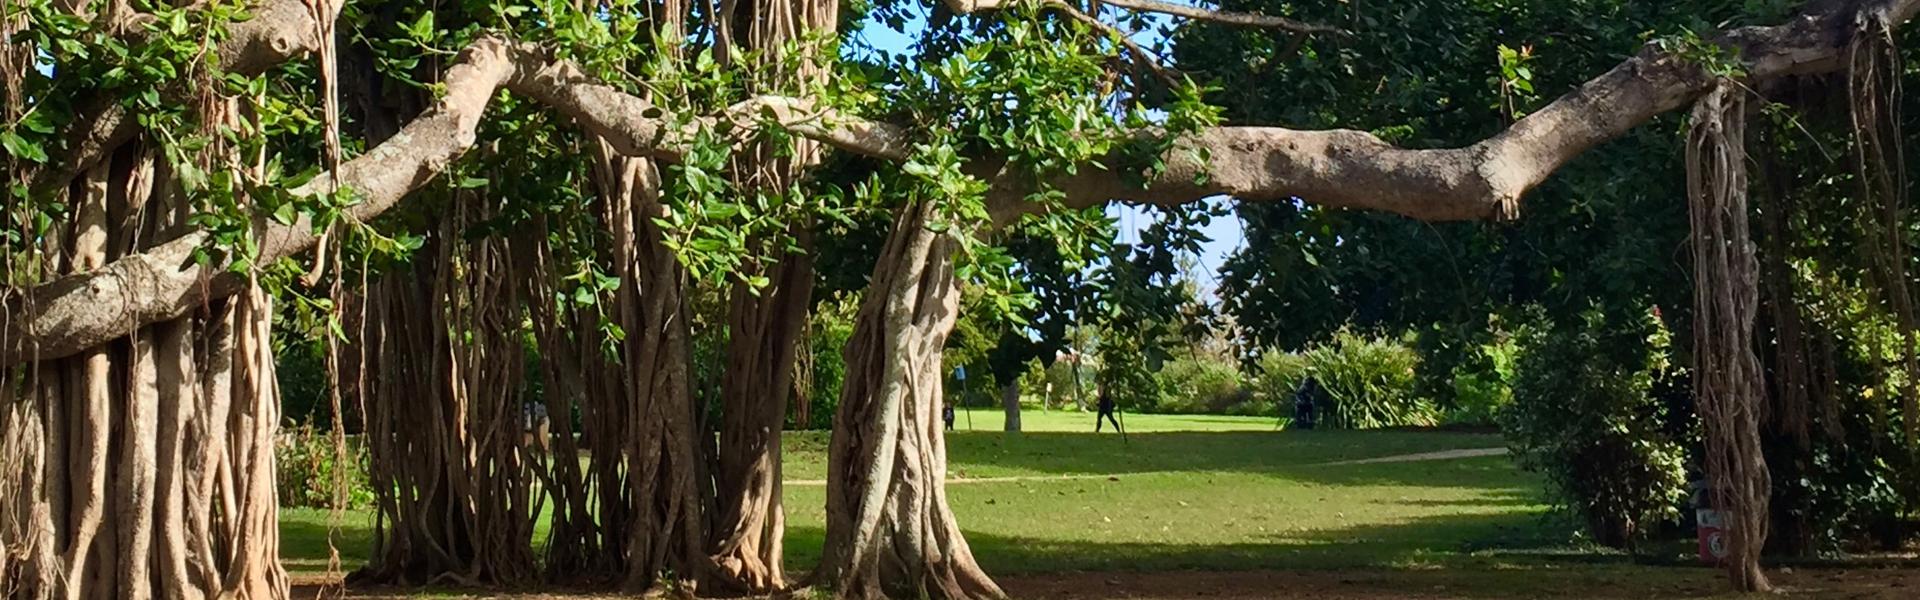 Botanical Gardens Bermuda